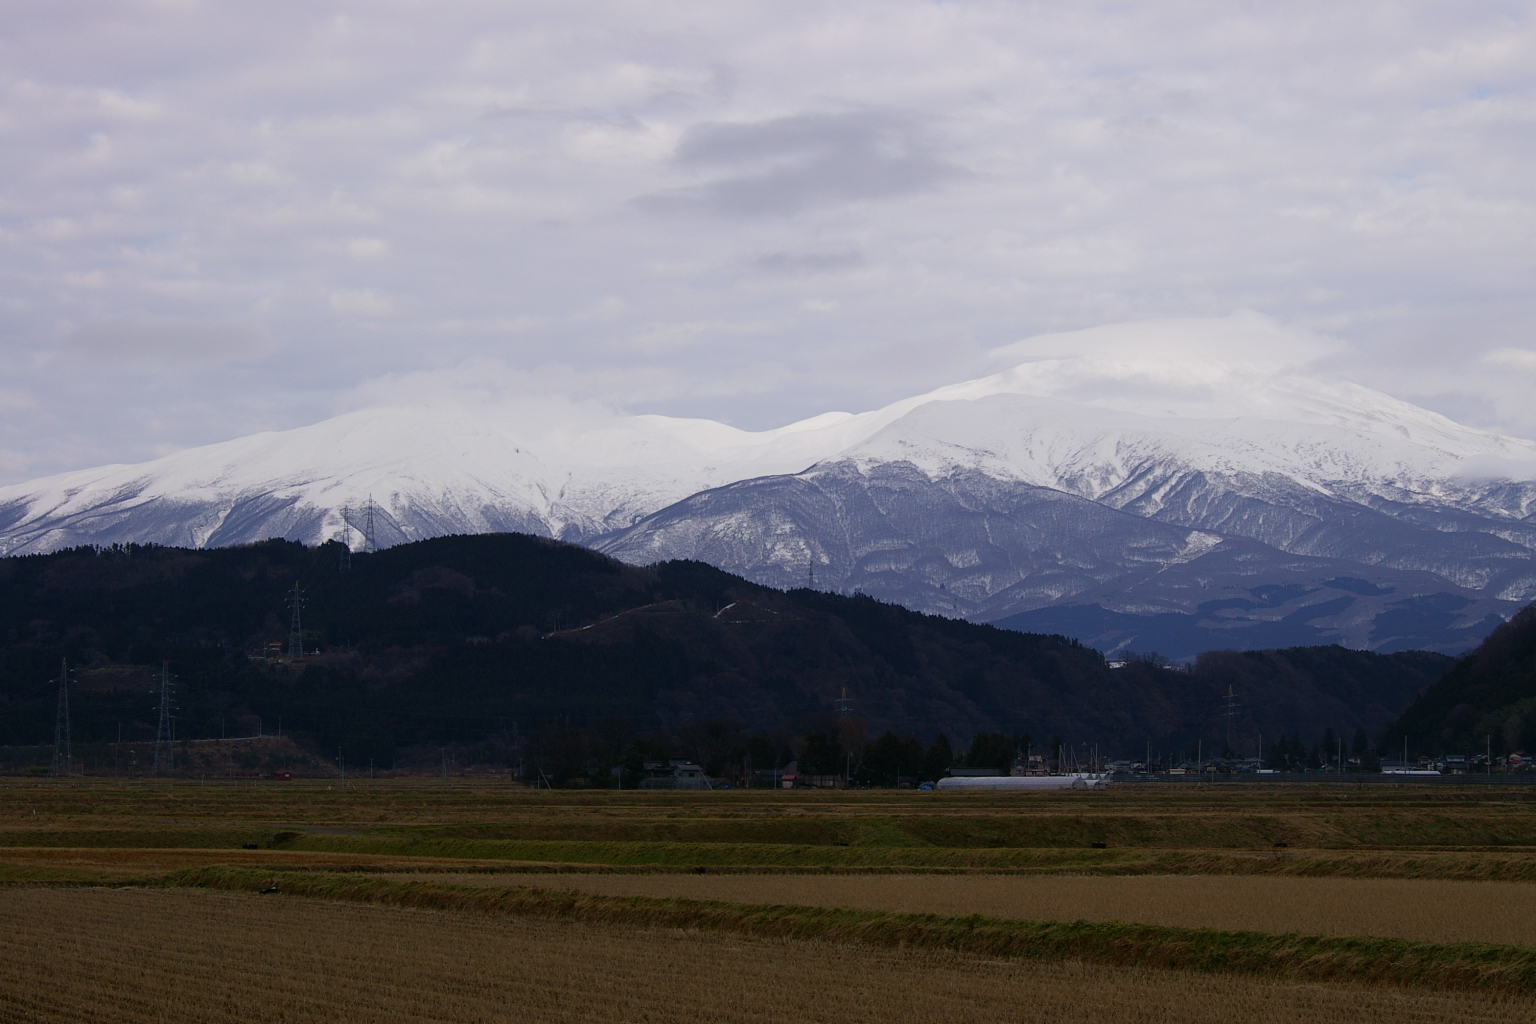 I山形県庄内八幡町からの鳥海山眺め